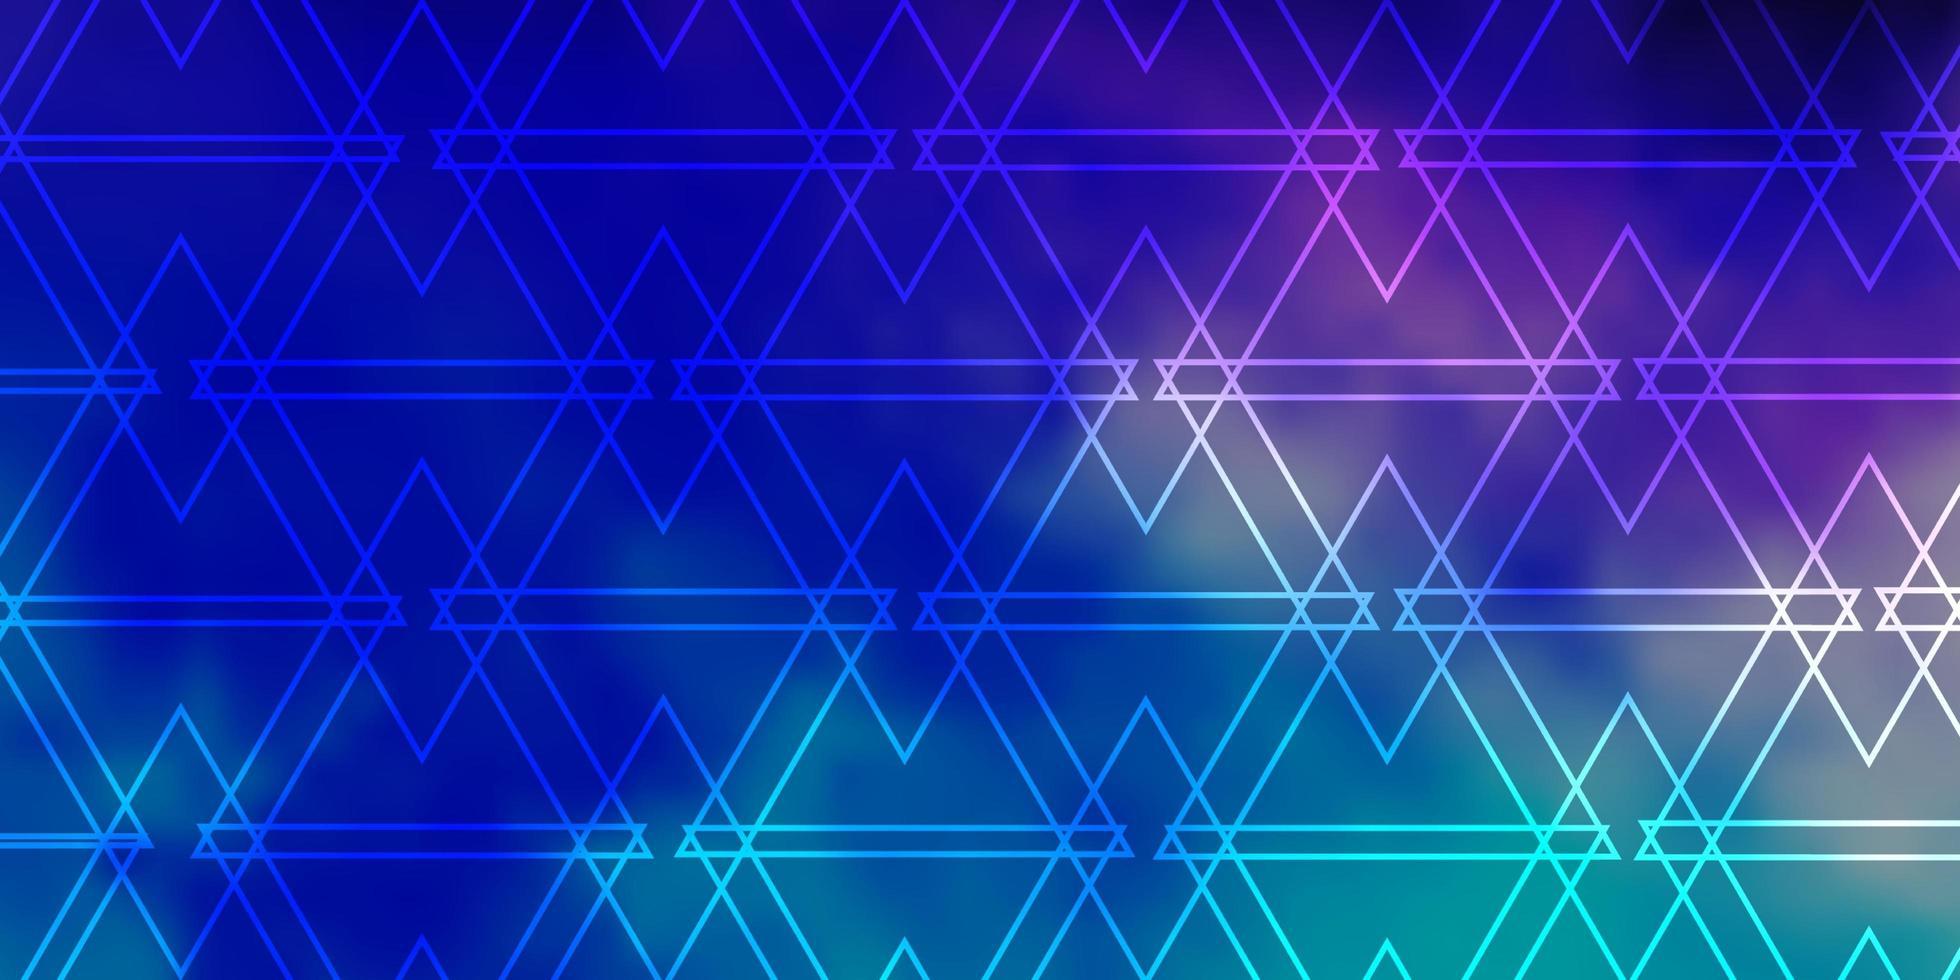 rosa scuro, sfondo blu con linee, triangoli. vettore